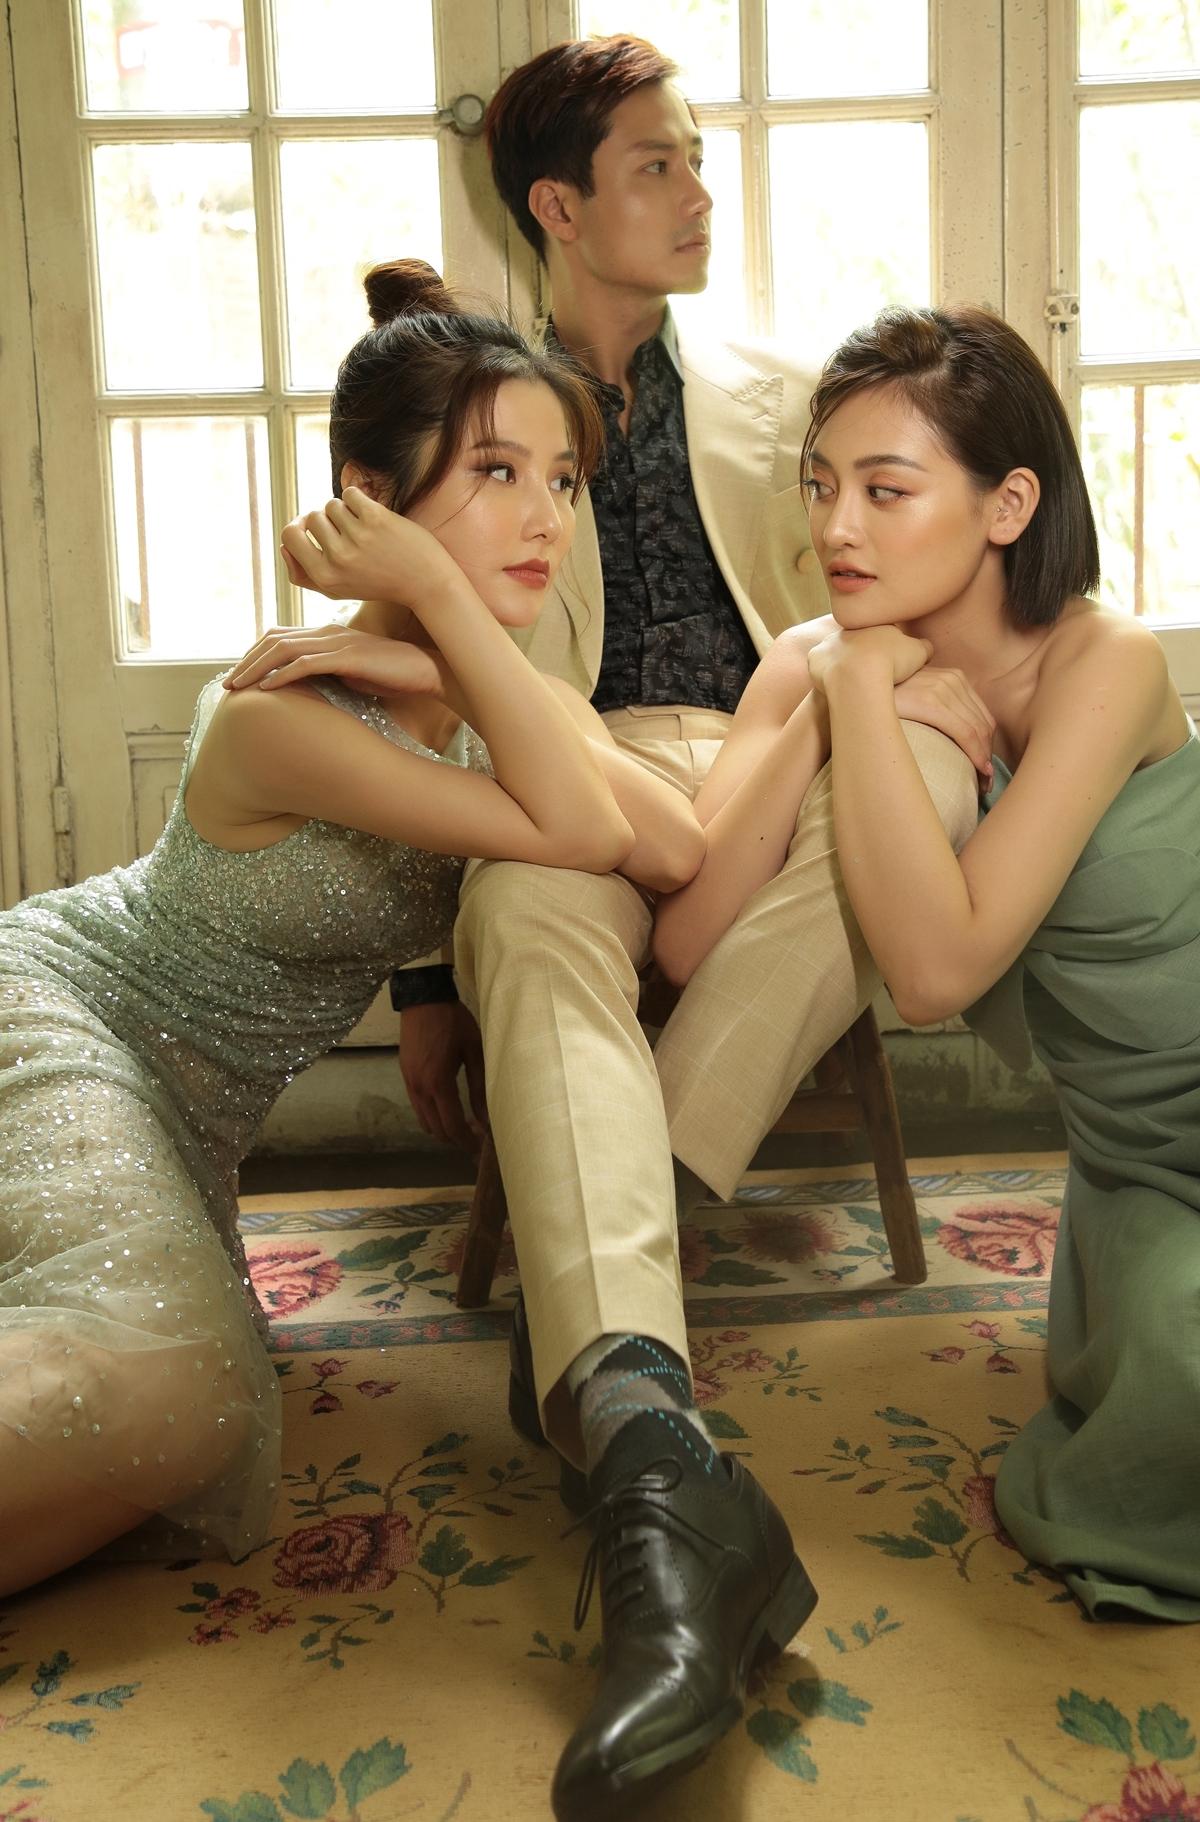 i cho diễn xuất của hai bạn diễn nữ và luôn cười rất tươi pha trò trong suốt quá trình làm việc chung. Có thể thấy, cả trong phim và ngoài đời, Thanh Sơn đều tương tác rất tốt với các bạn diễn.